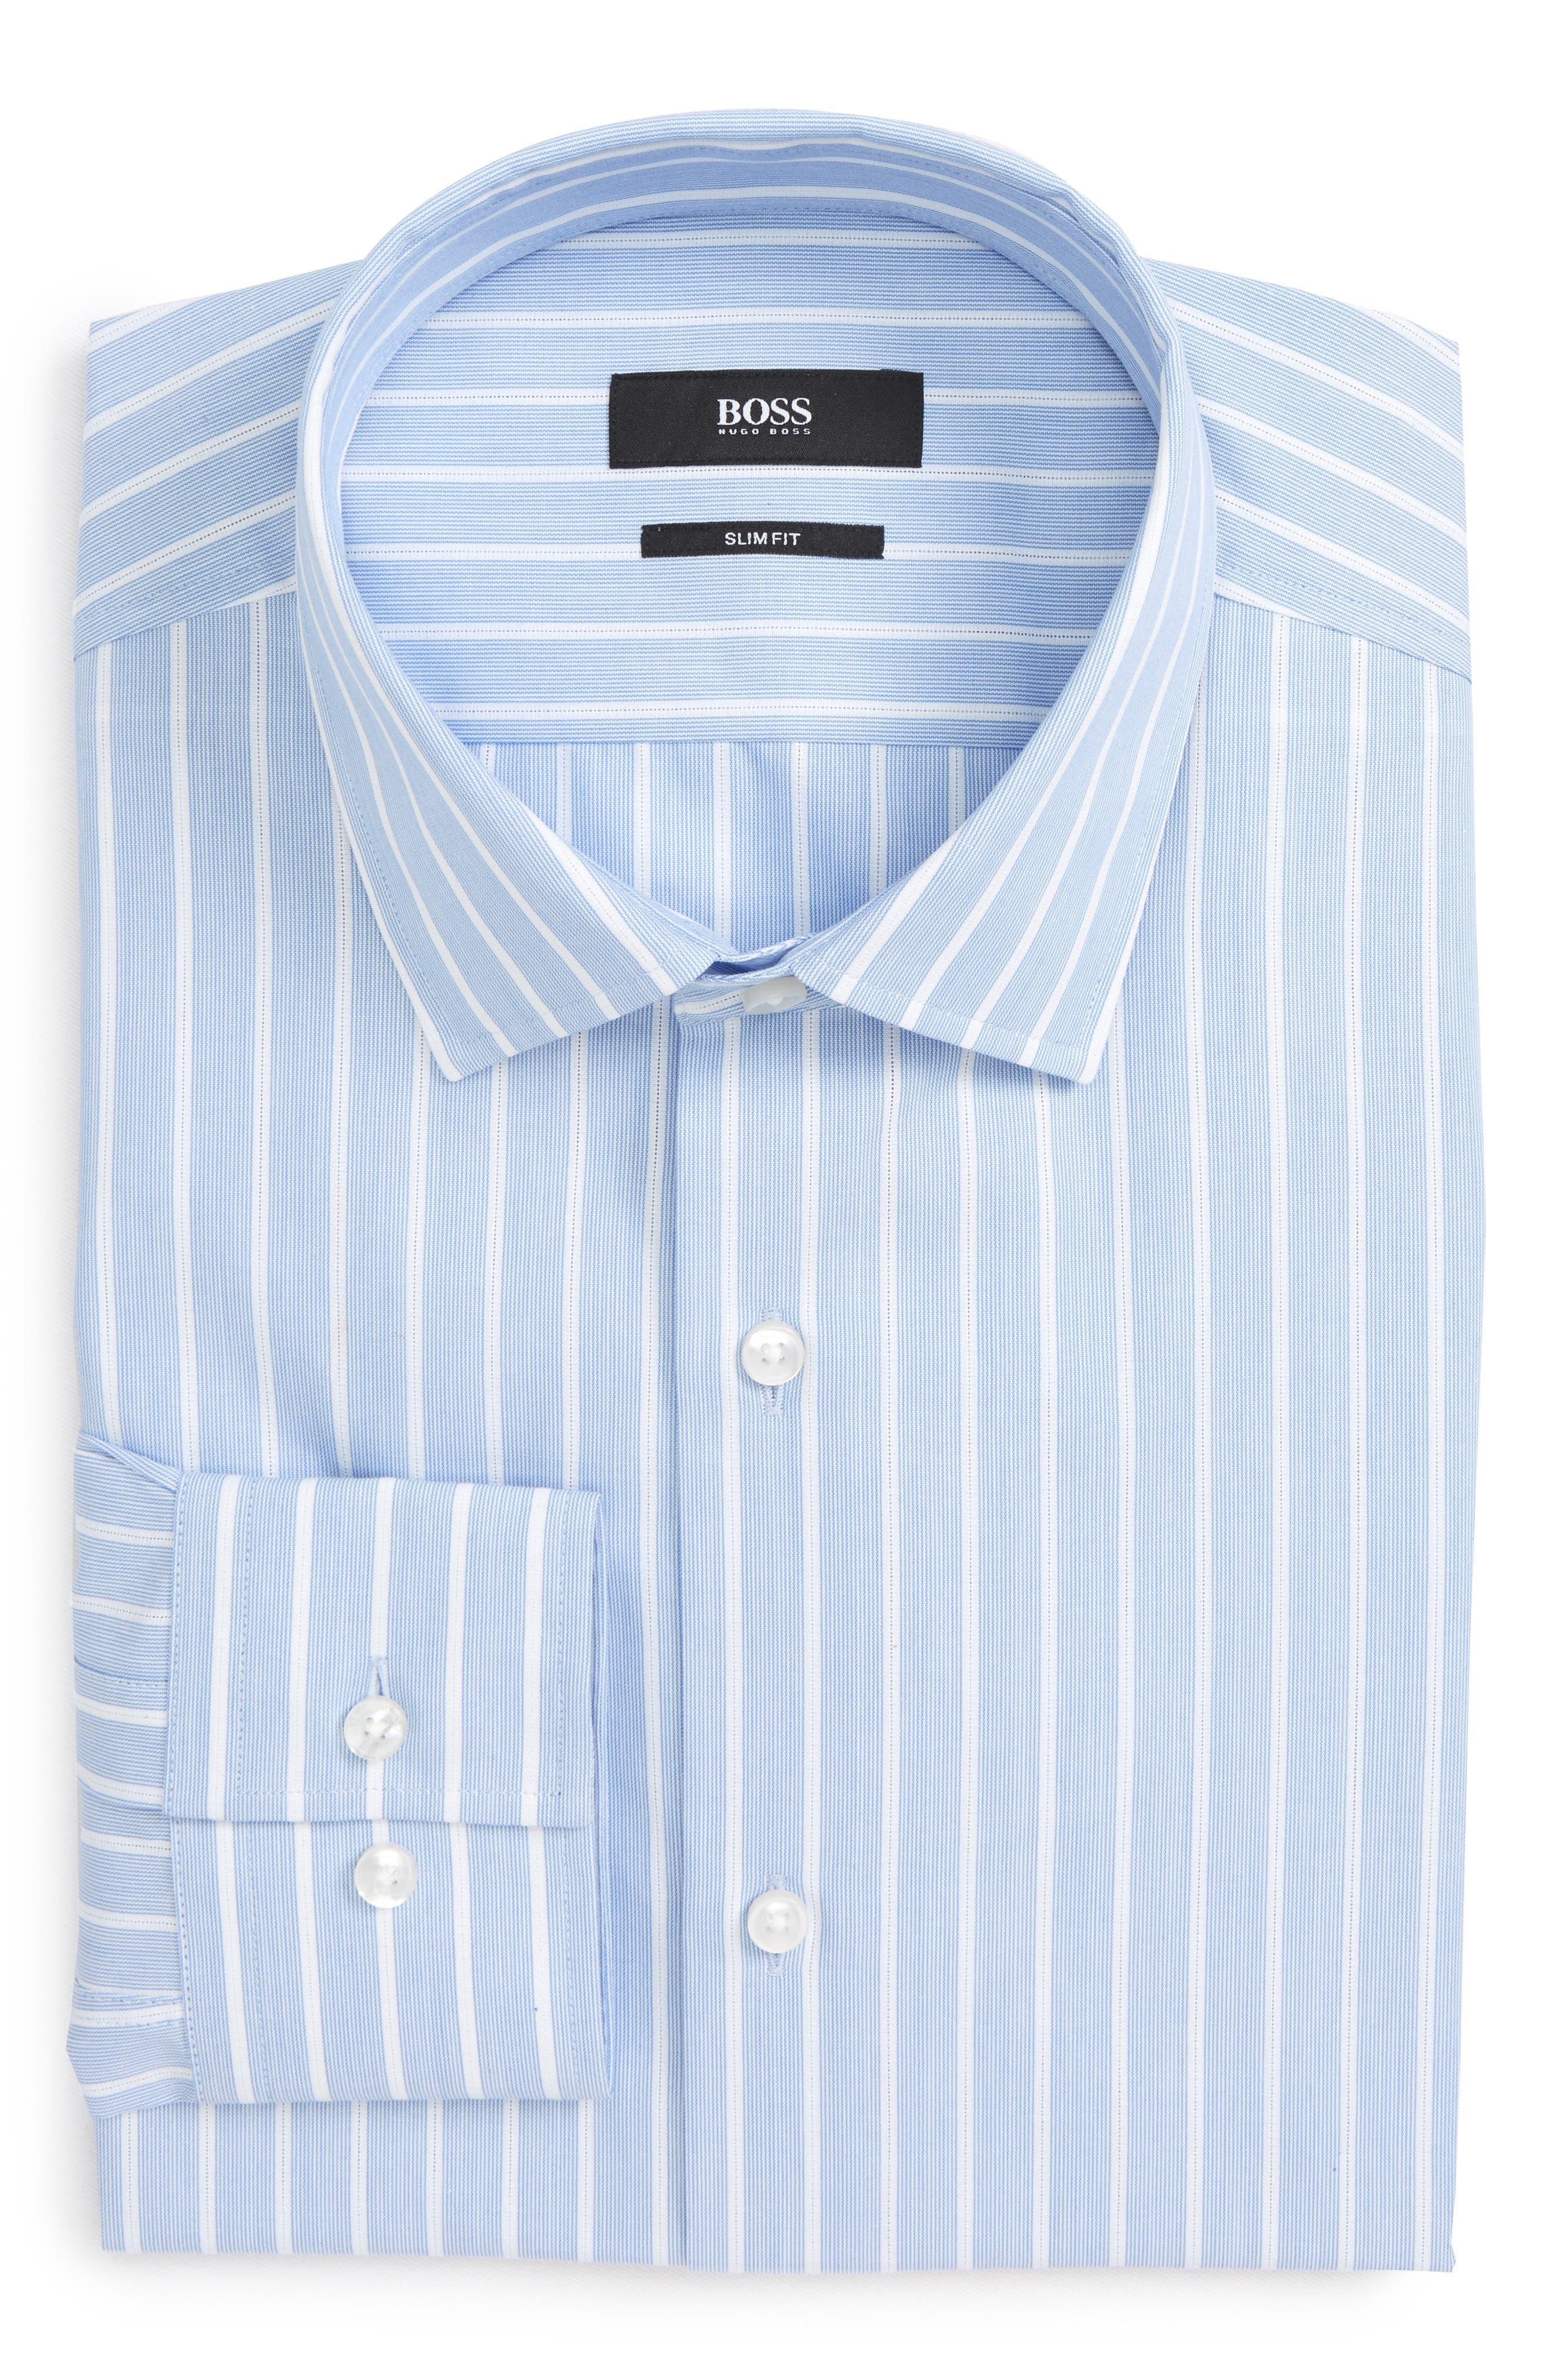 Jenno Slim Fit Stripe Dress Shirt,                             Alternate thumbnail 5, color,                             451